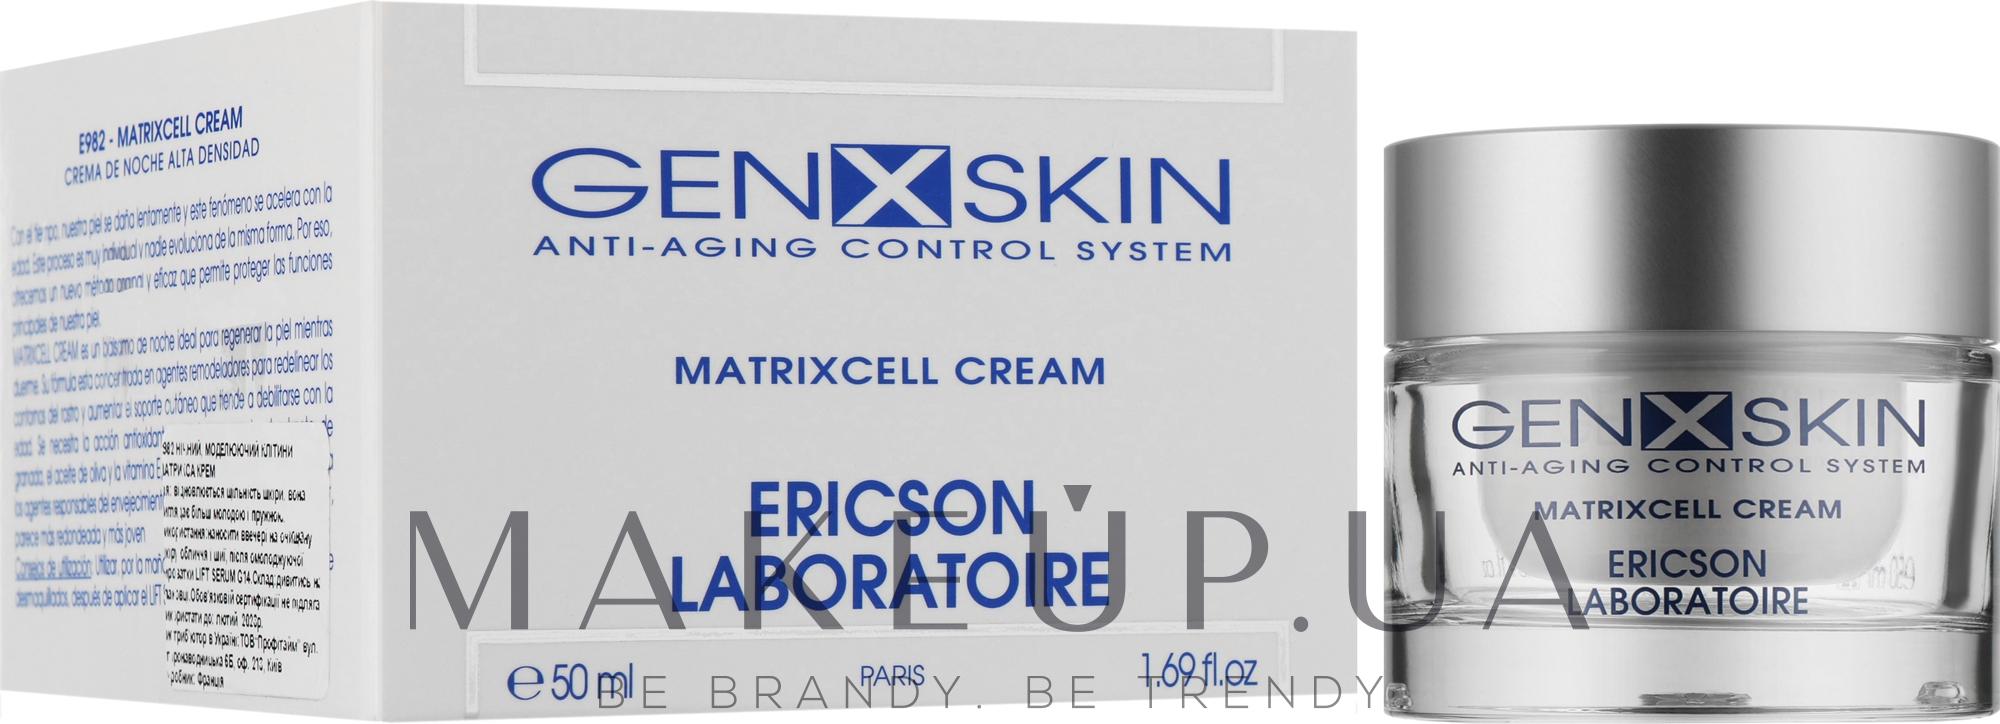 Висококонцентрований нічний крем Матрицелл - Ericson Laboratoire Genxskin Matrixcell Cream High Density Night Cream — фото 50ml